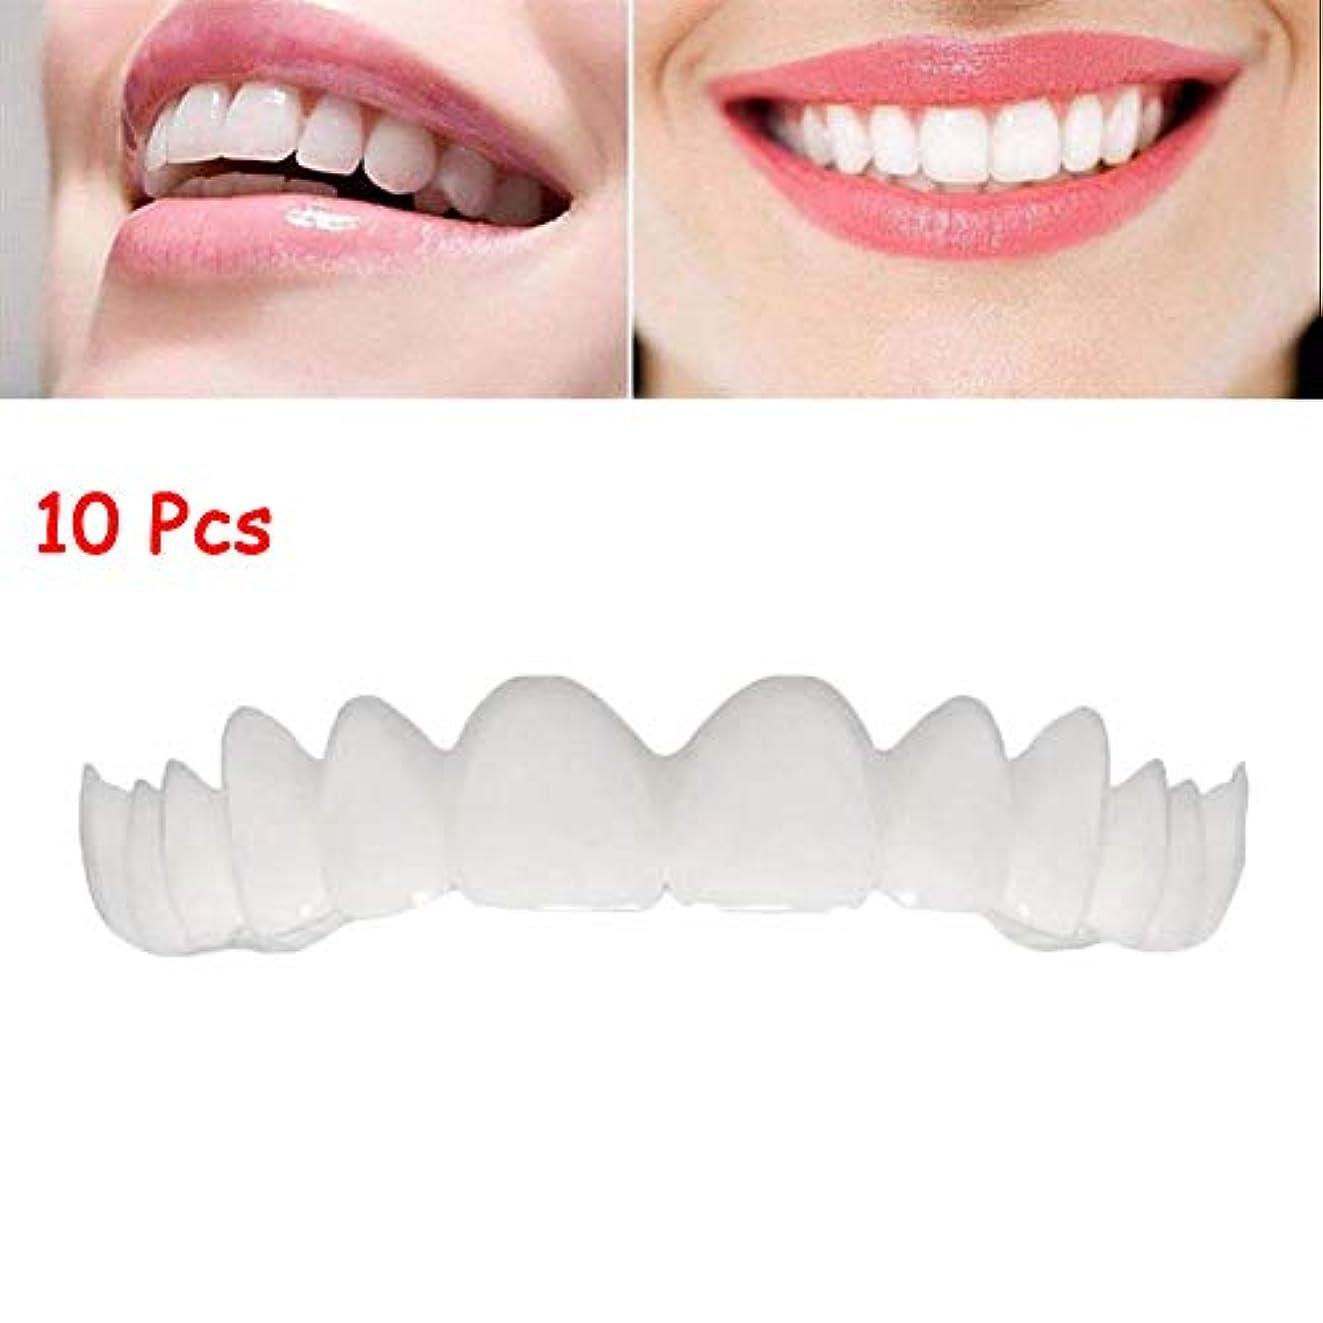 引き出し休憩するコンプリート10本の一時的な化粧品の歯義歯歯の化粧品模擬装具アッパーブレースホワイトニング歯スナップキャップインスタント快適なフレックスパーフェクトベニア